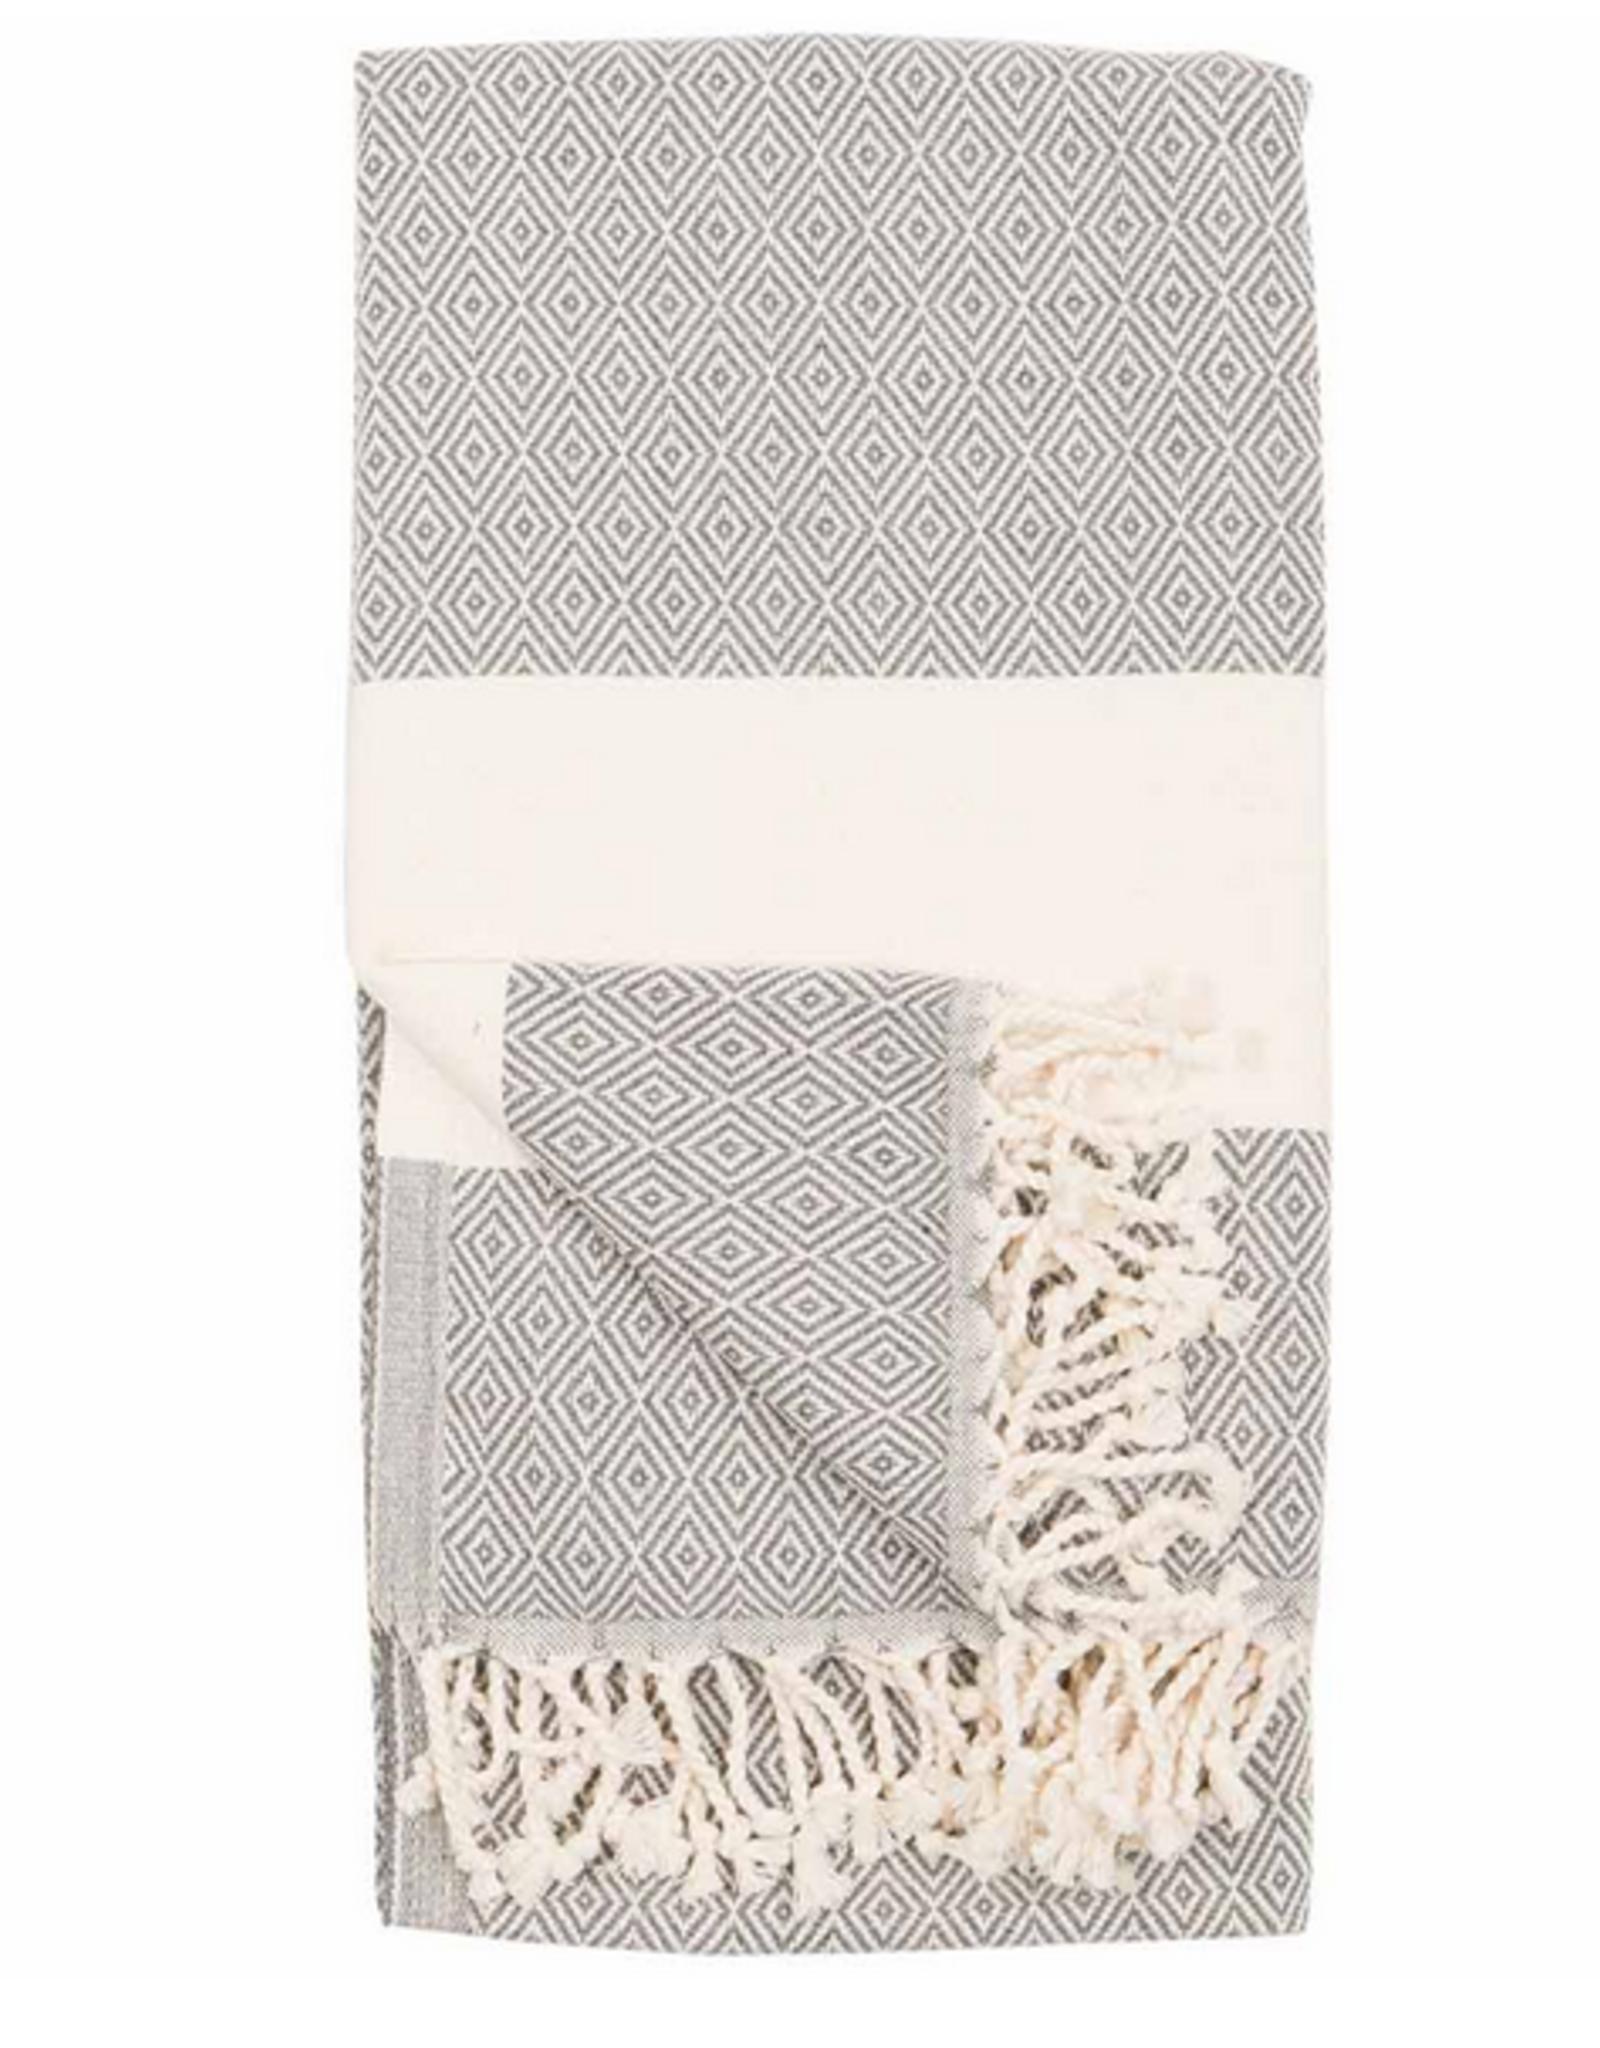 Slate Diamond Pattern Turkish Towel